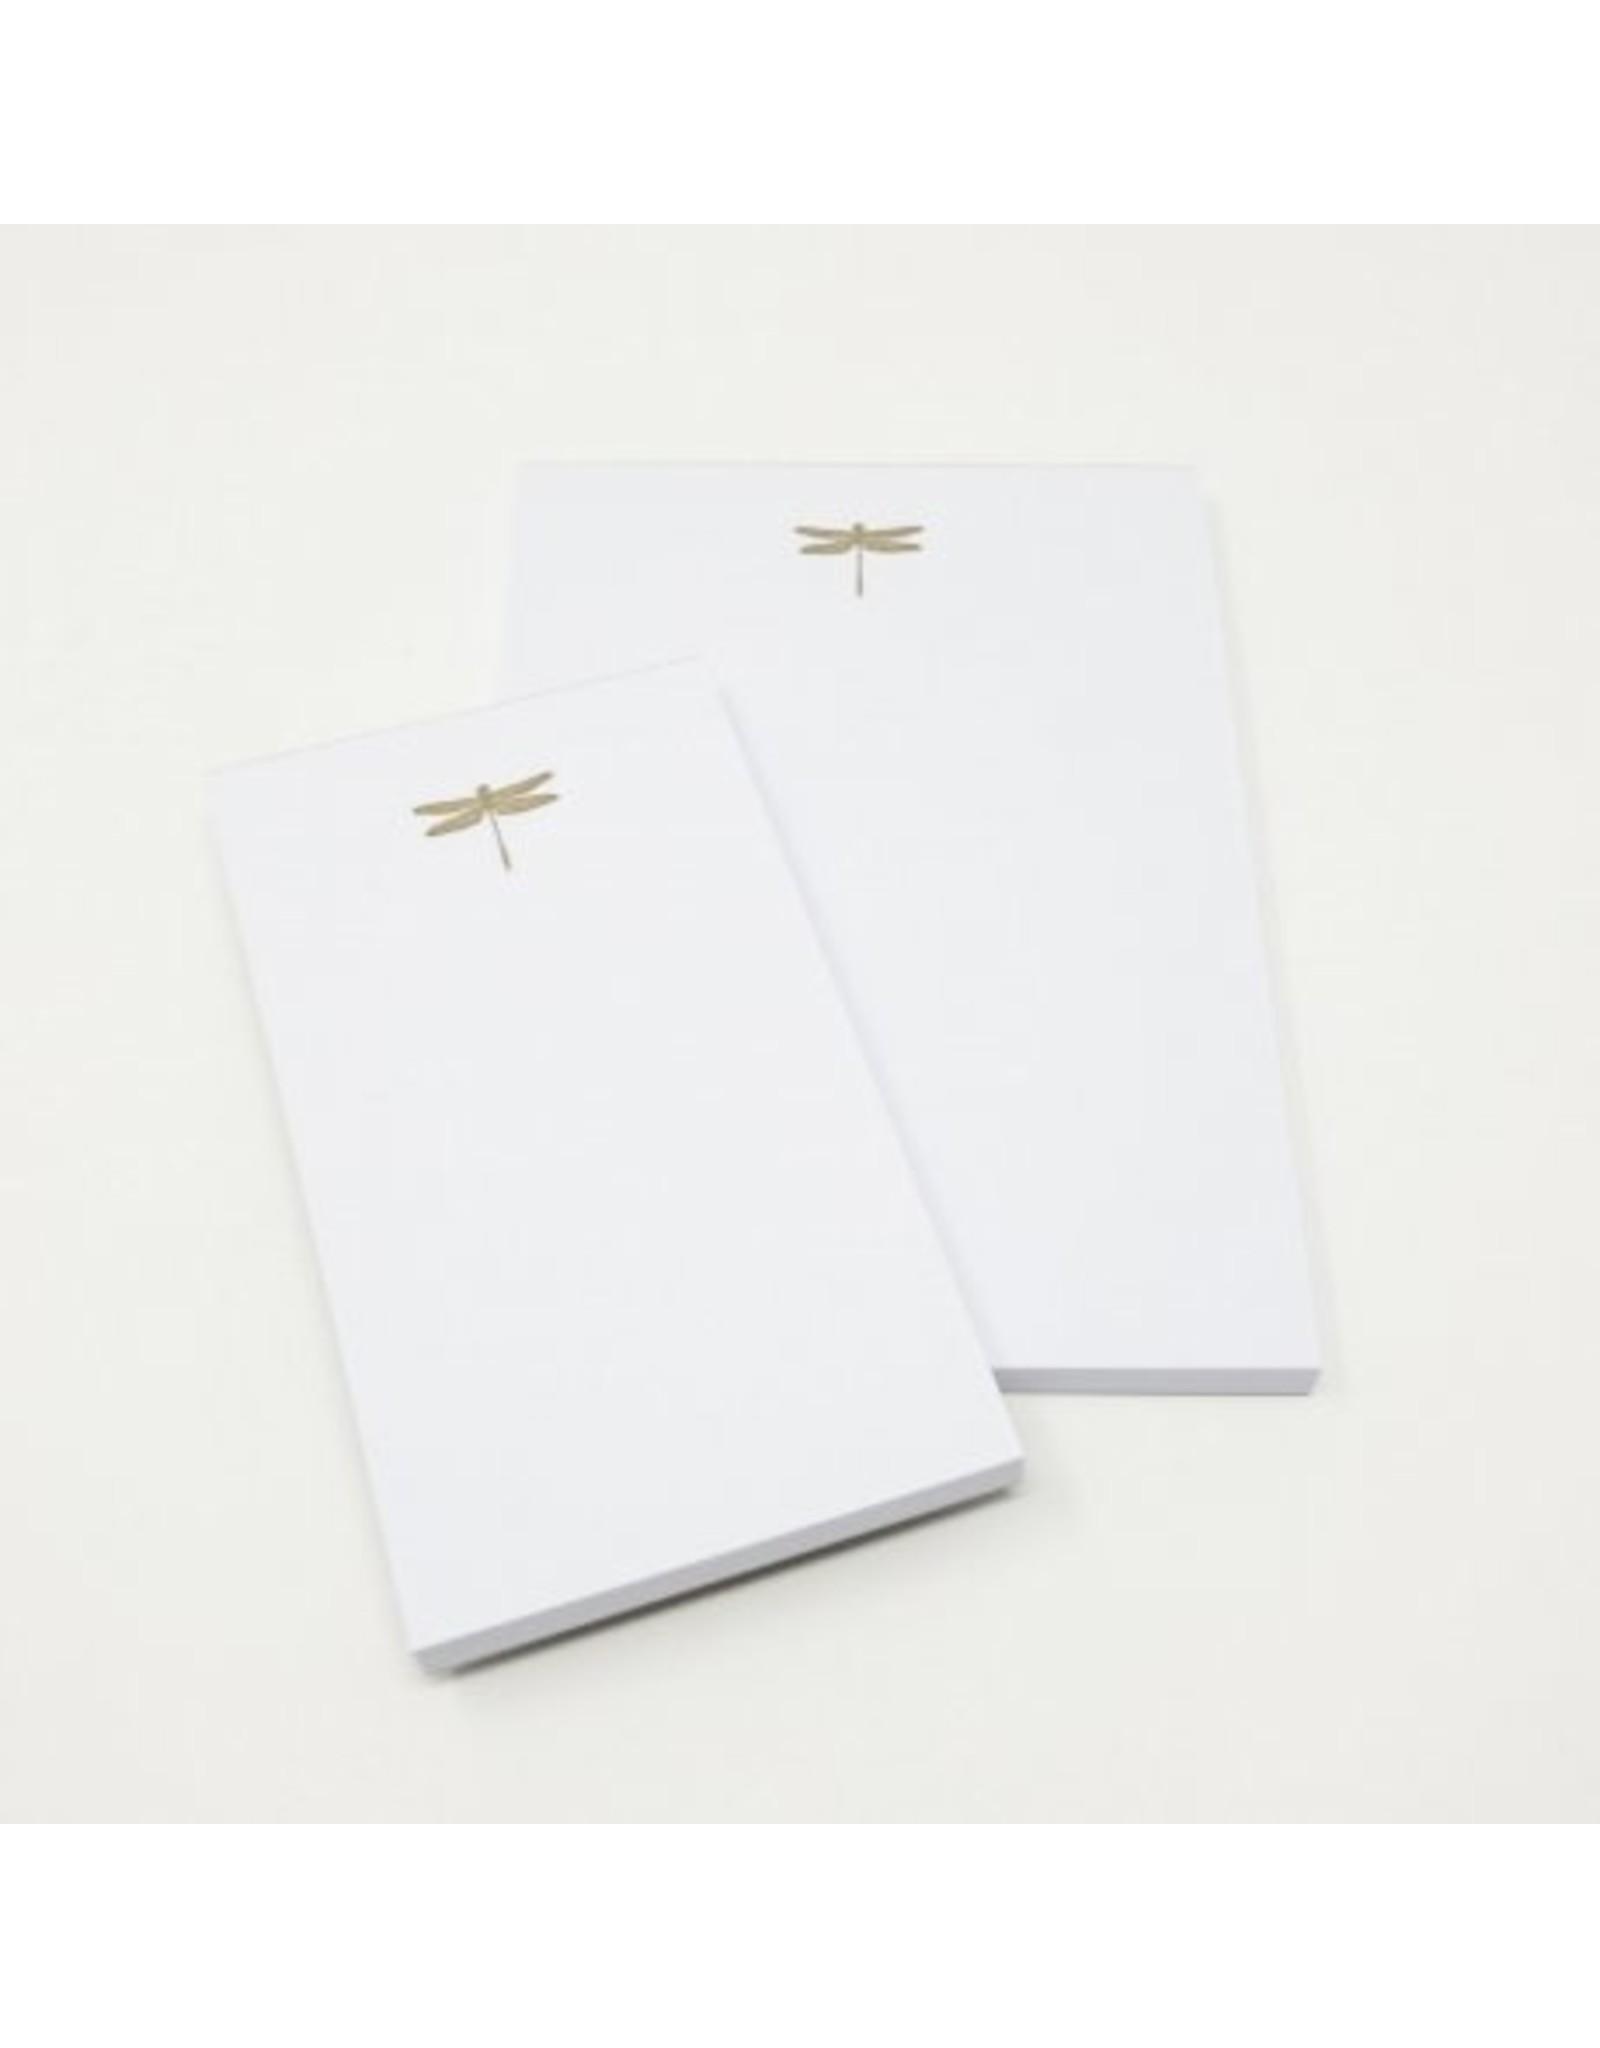 Le Typographe A5 notepad | Libelle | wit |  45 vellen